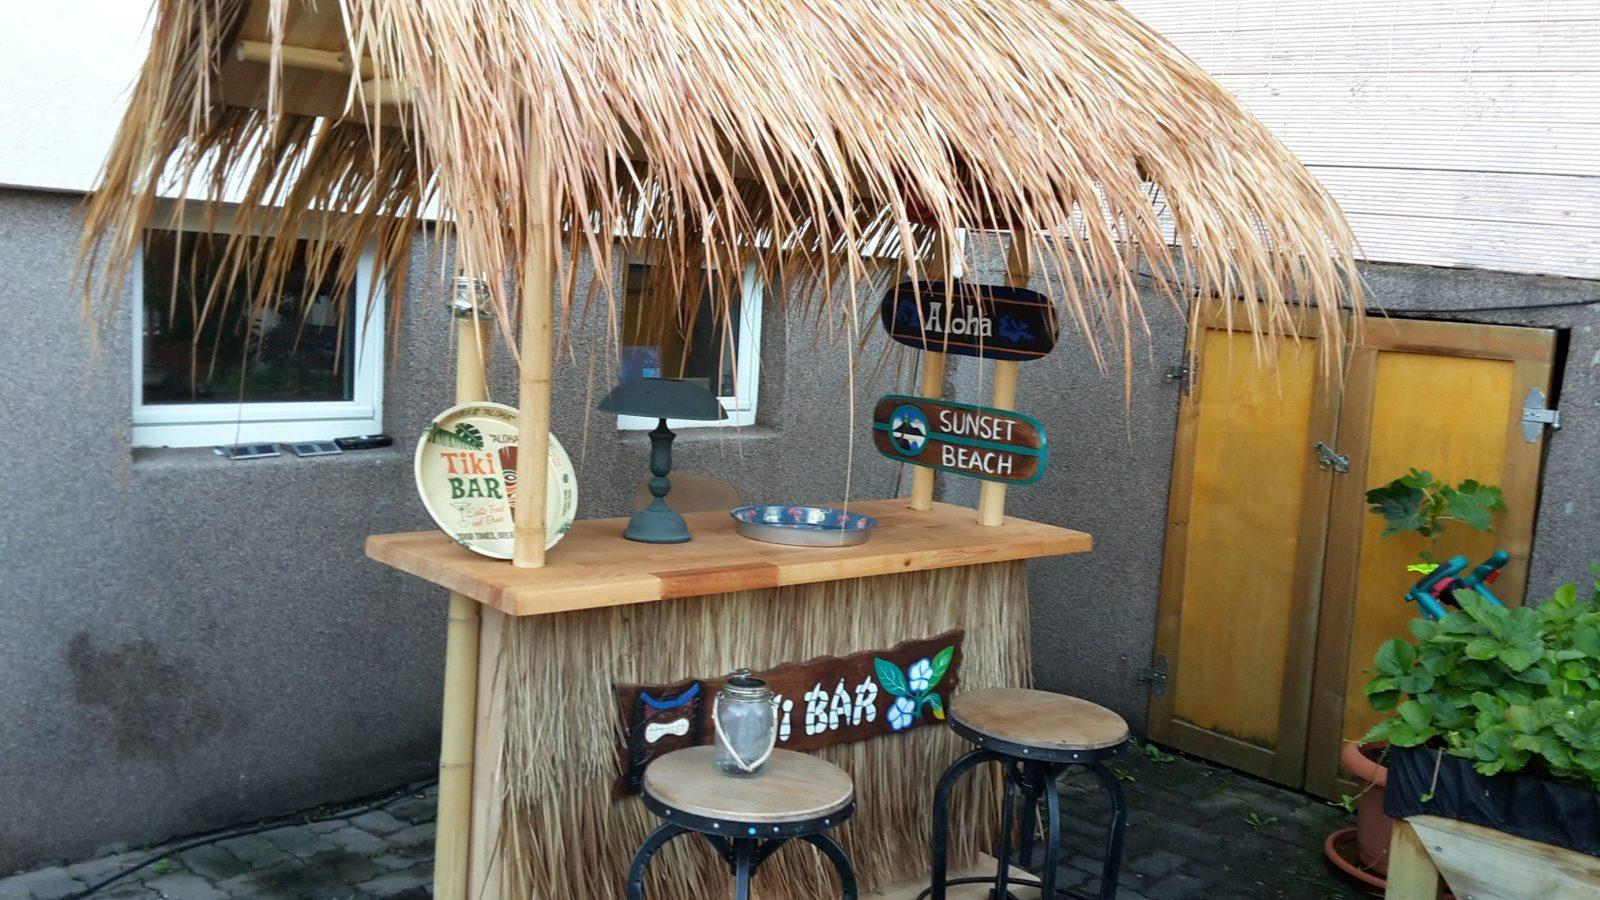 Tiki Bar Bauanleitung Zum Selber Bauen  Heimwerkerforum  Best Of von Tiki Bar Selber Bauen Bild